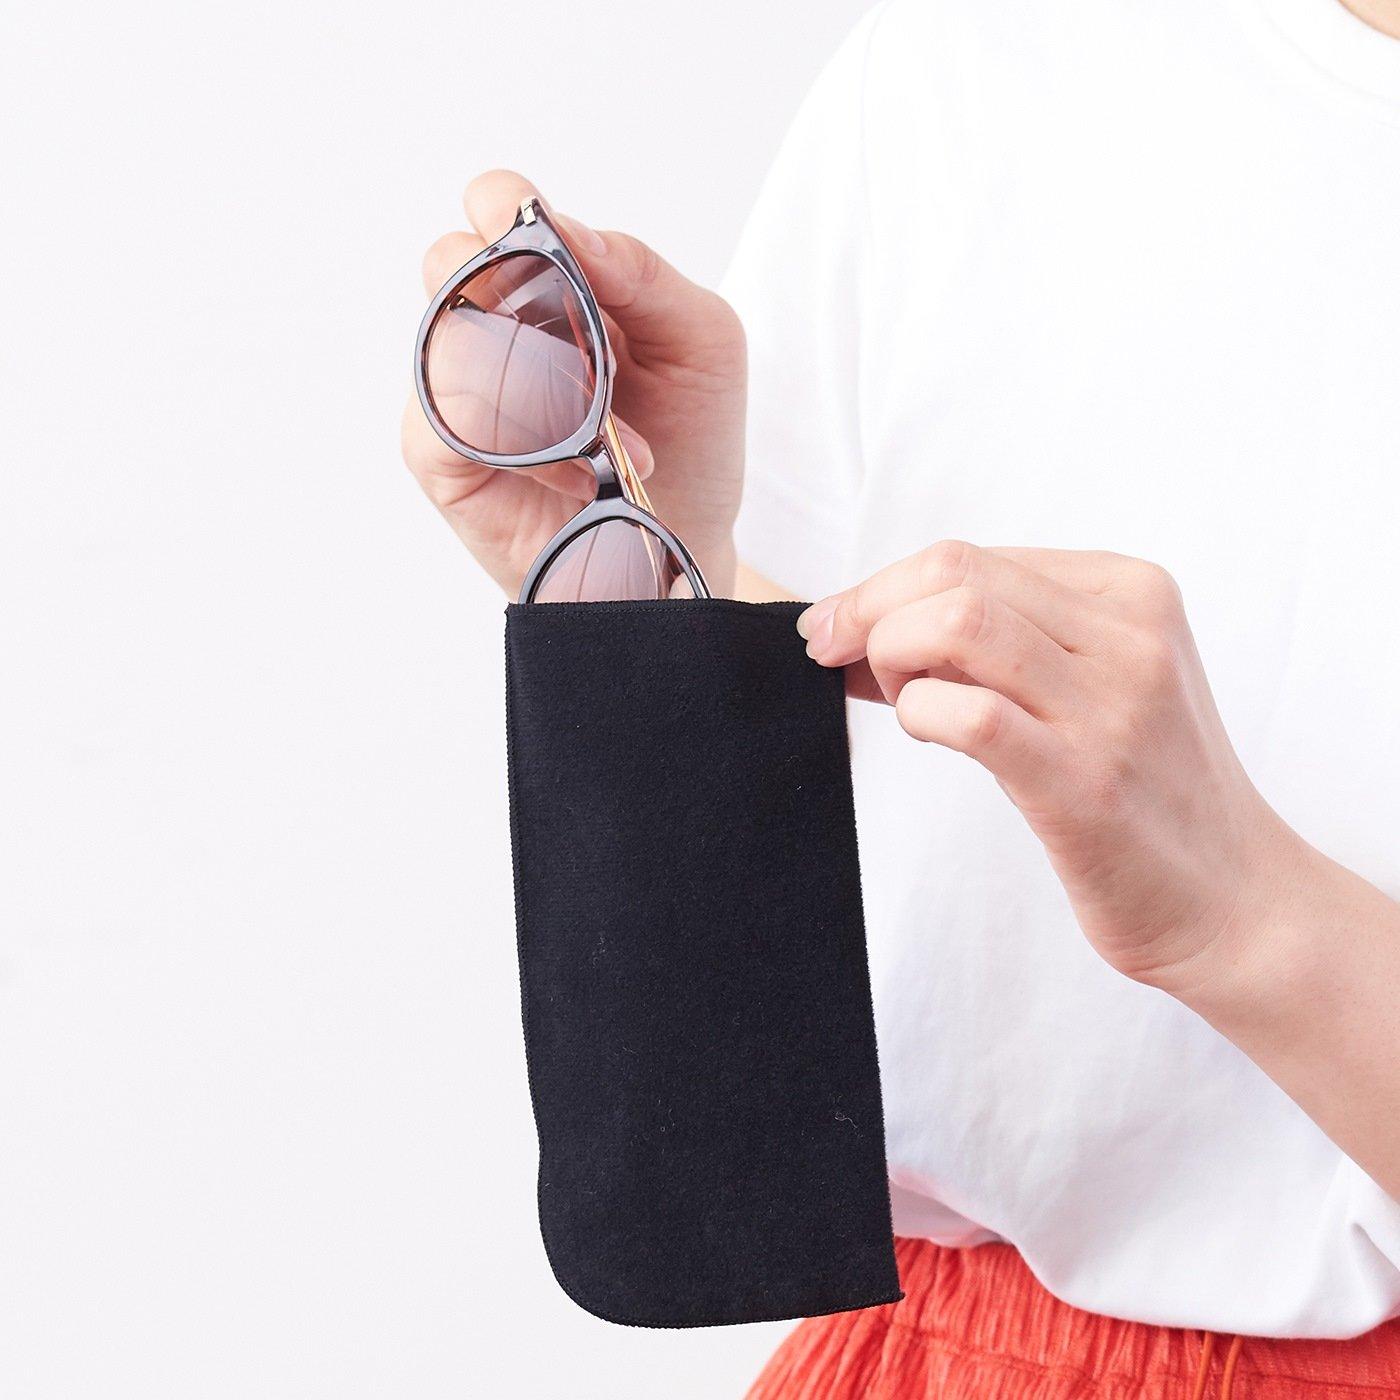 IEDIT[イディット] SELECT 日よけ対策!カラーフレームが旬のファッション用グラス〈デミ〉